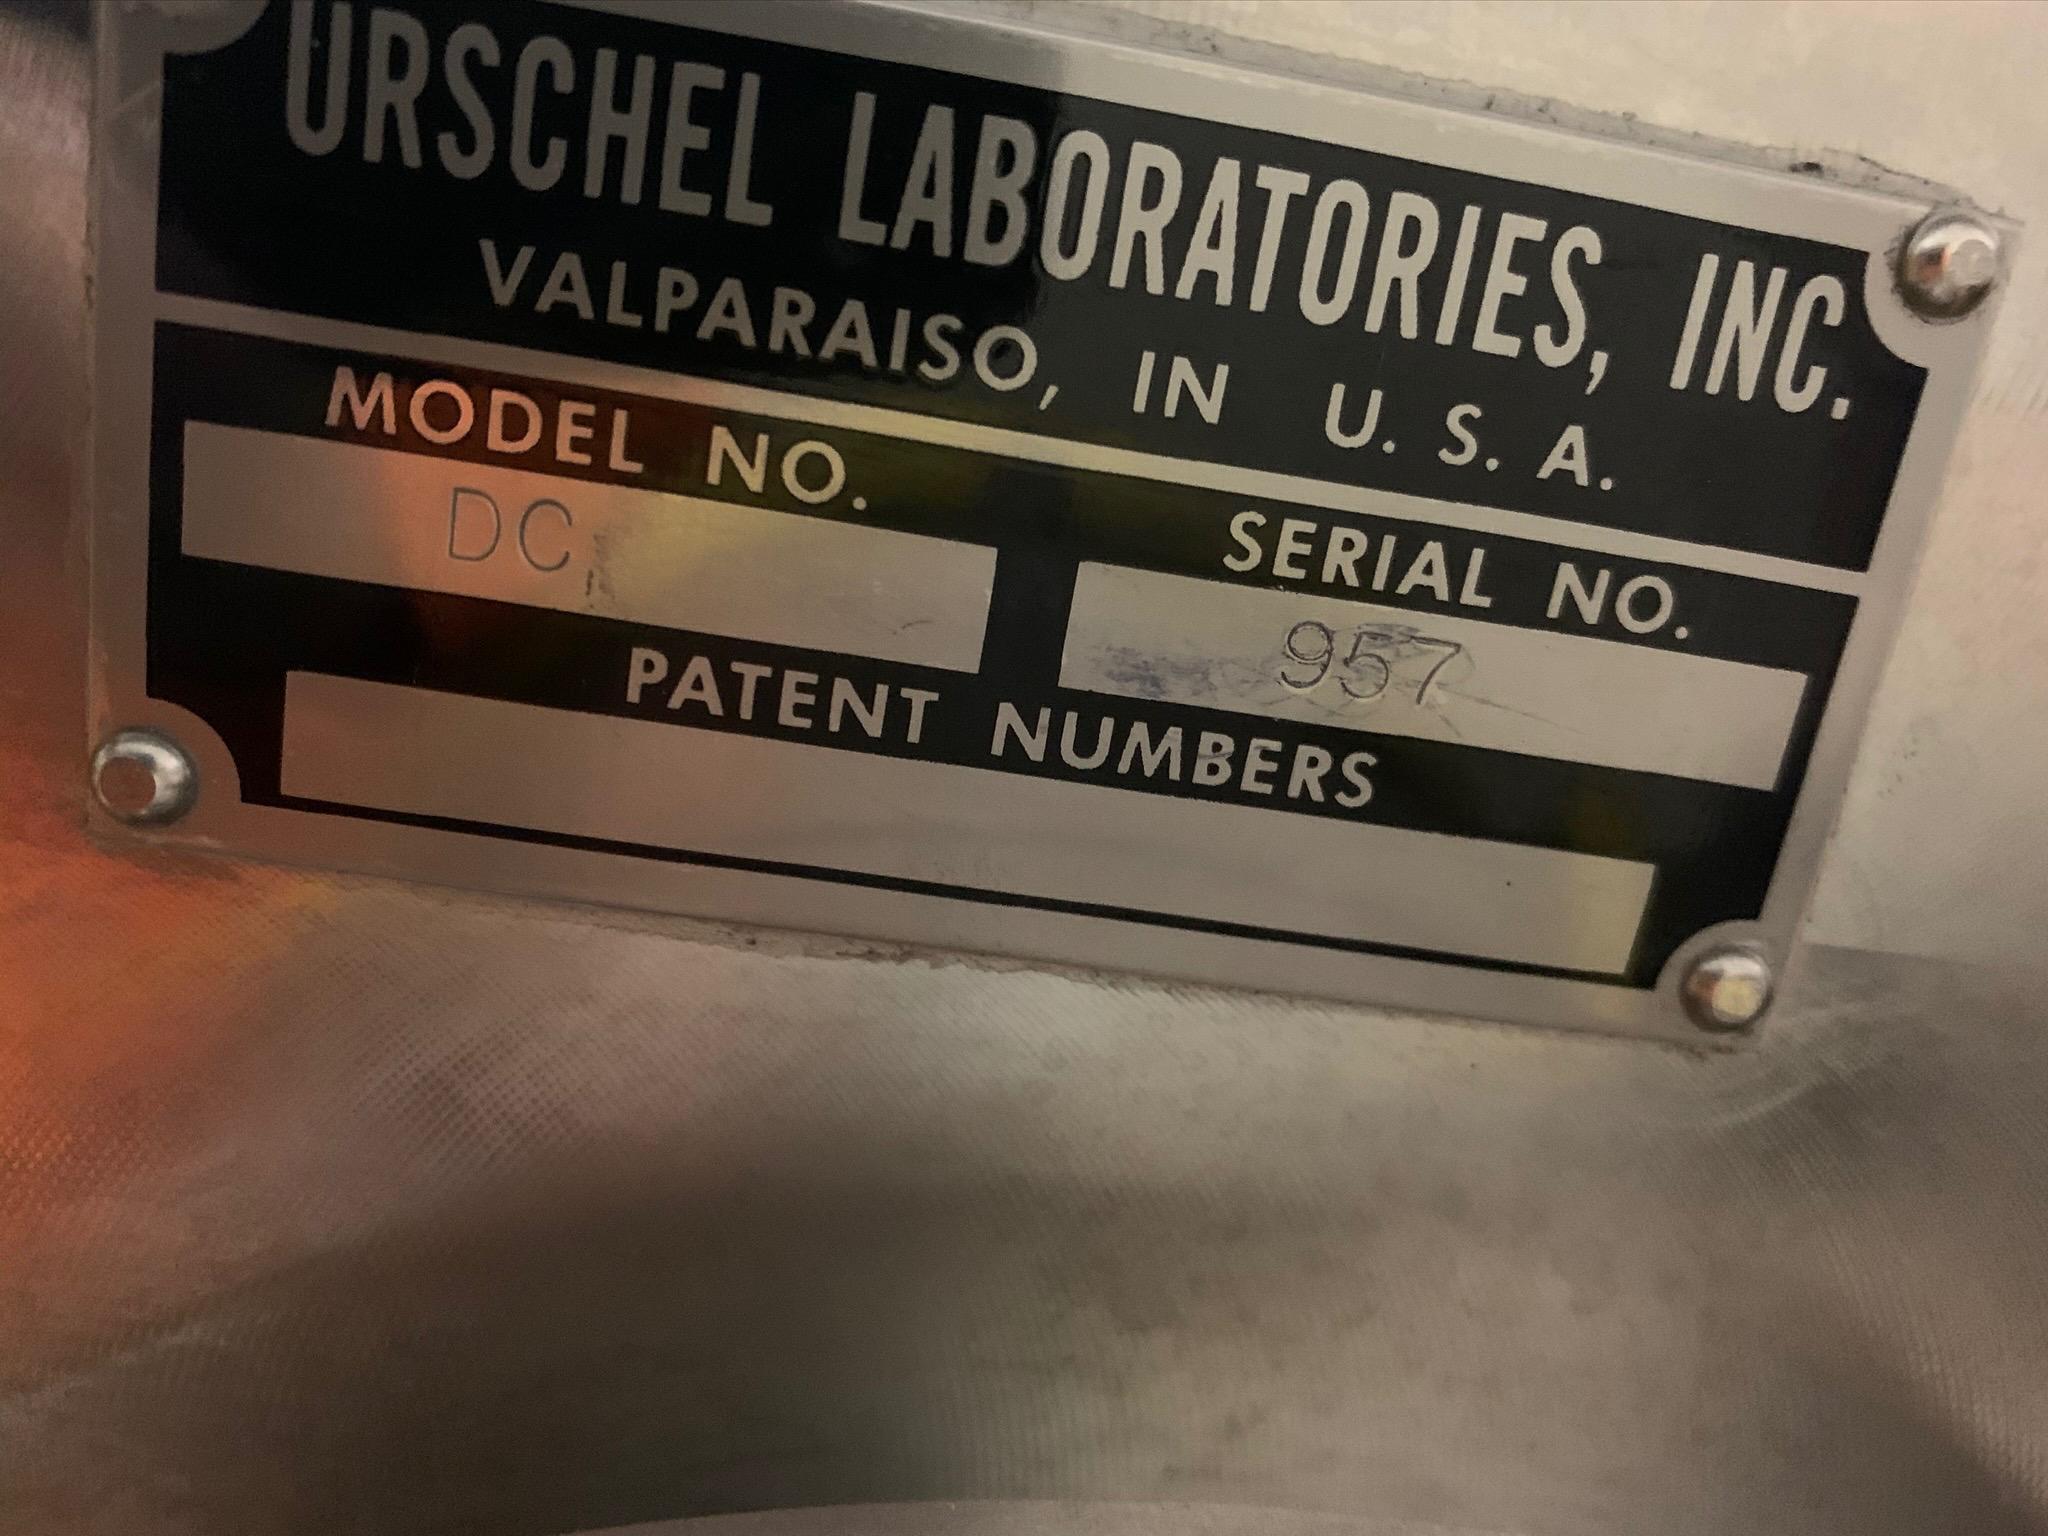 Urschel Diversacut 2110 Dicer Model DC S/N 957 (Rigging Fee - $150) - Image 5 of 8